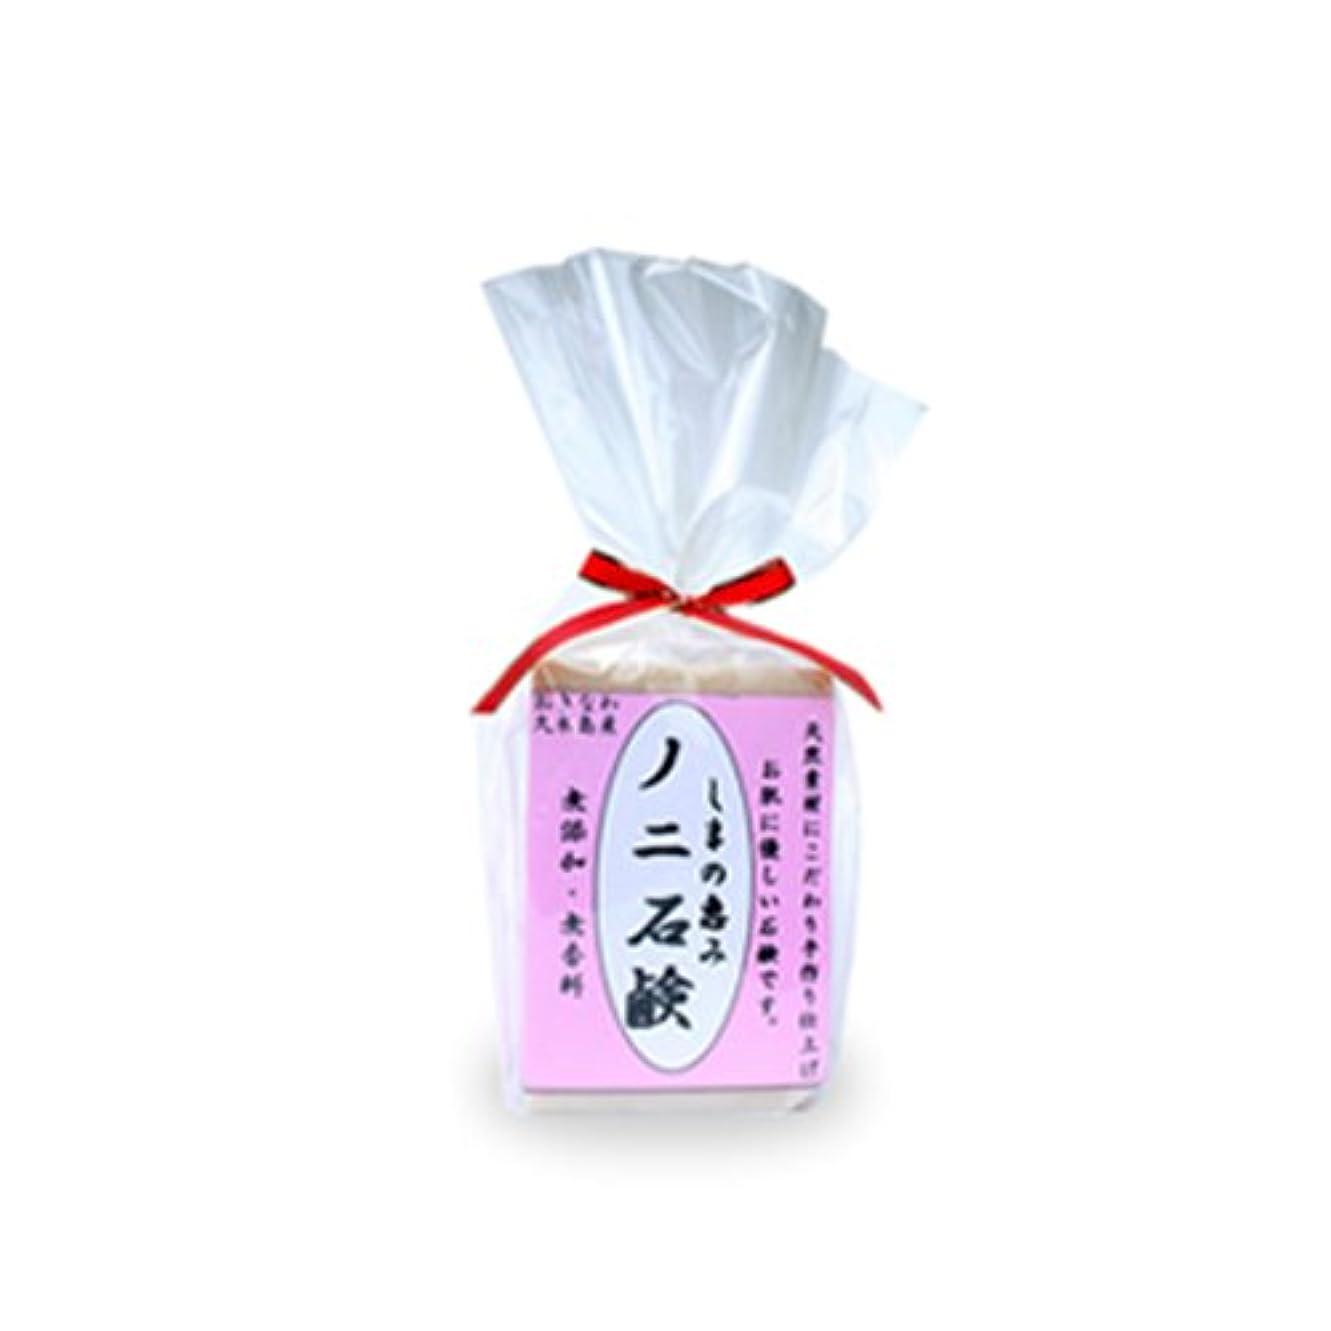 香り請負業者新鮮なノ二石鹸×3個 久米島物産販売 沖縄の海洋深層水ミネラルとノニを配合した無添加ソープ